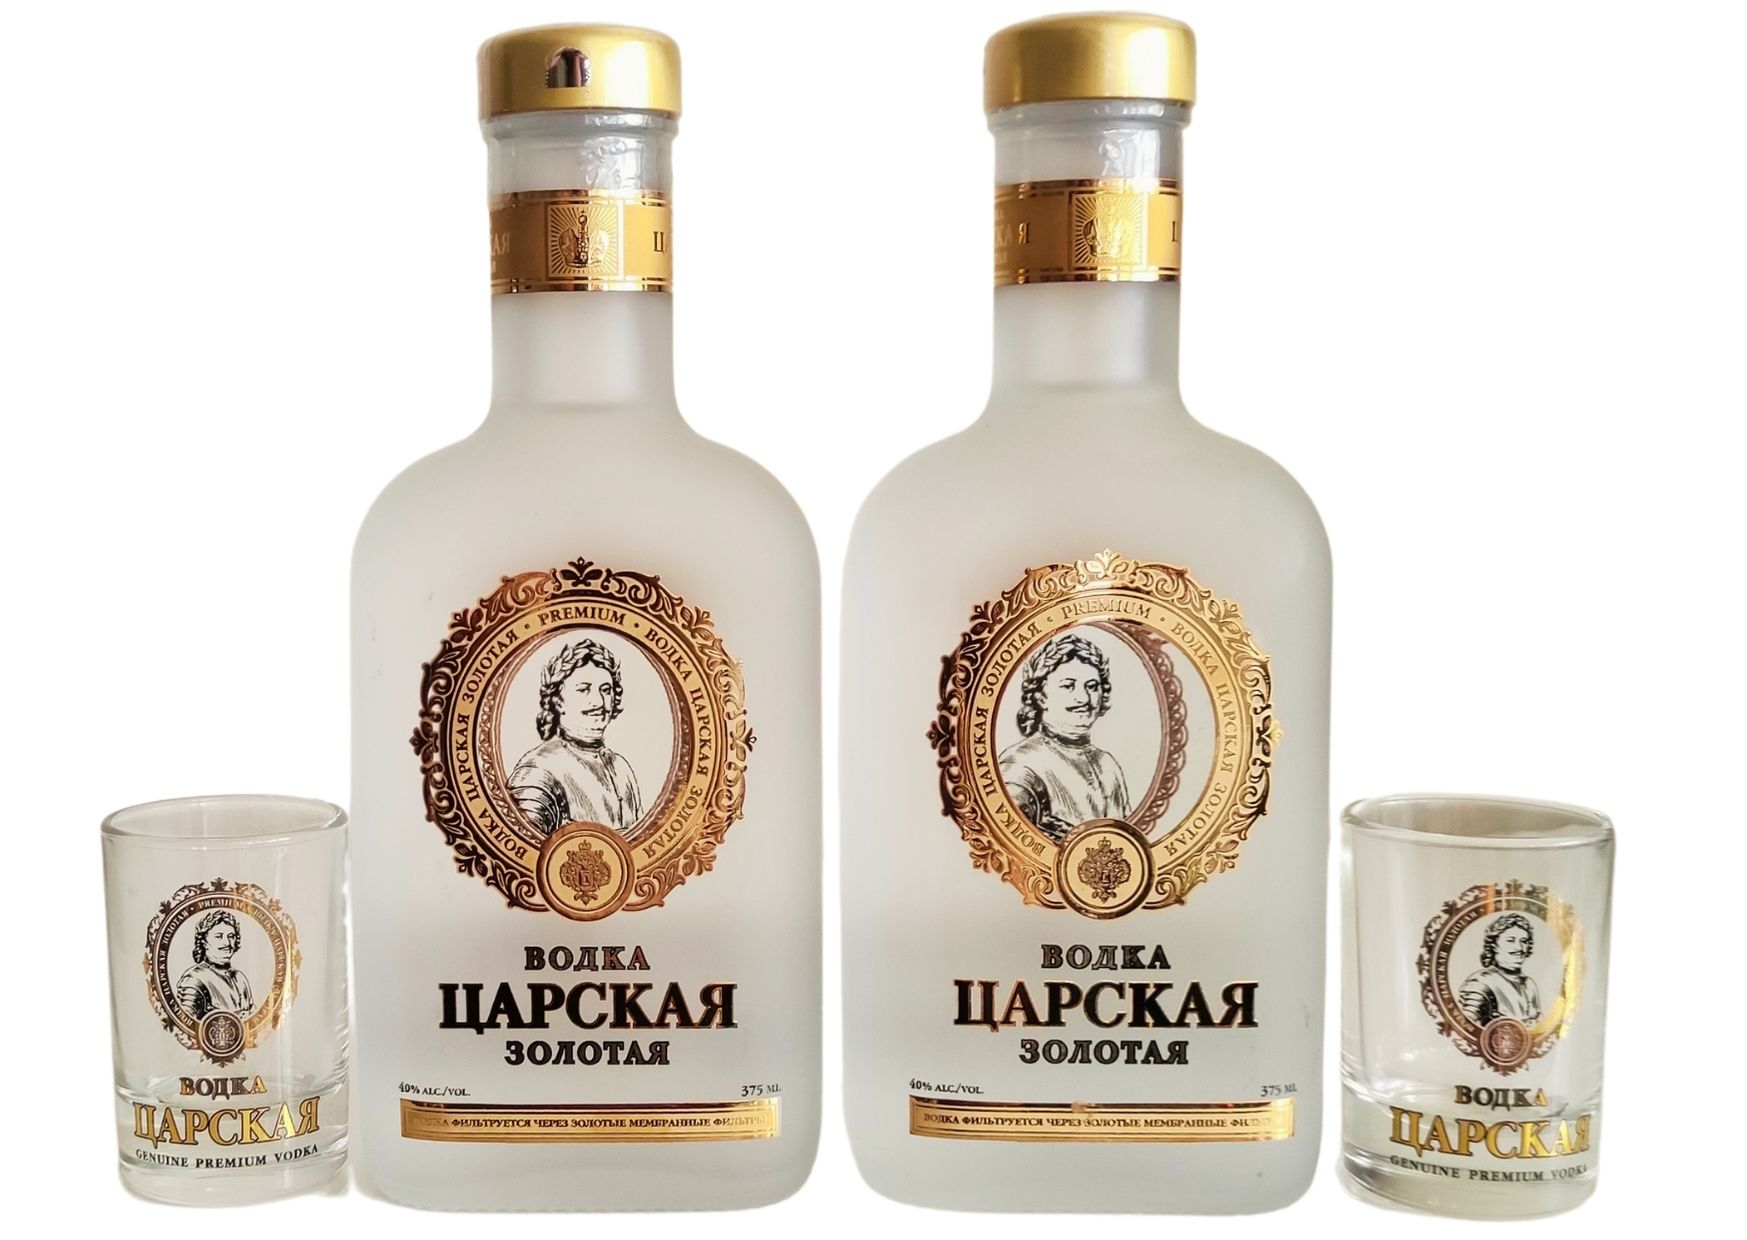 Lot Vodka Russe Tsarskaya Gold Flasque x 2 + 2 shooters à vodka décoré à l\' Or fin dont 1 OFFERT